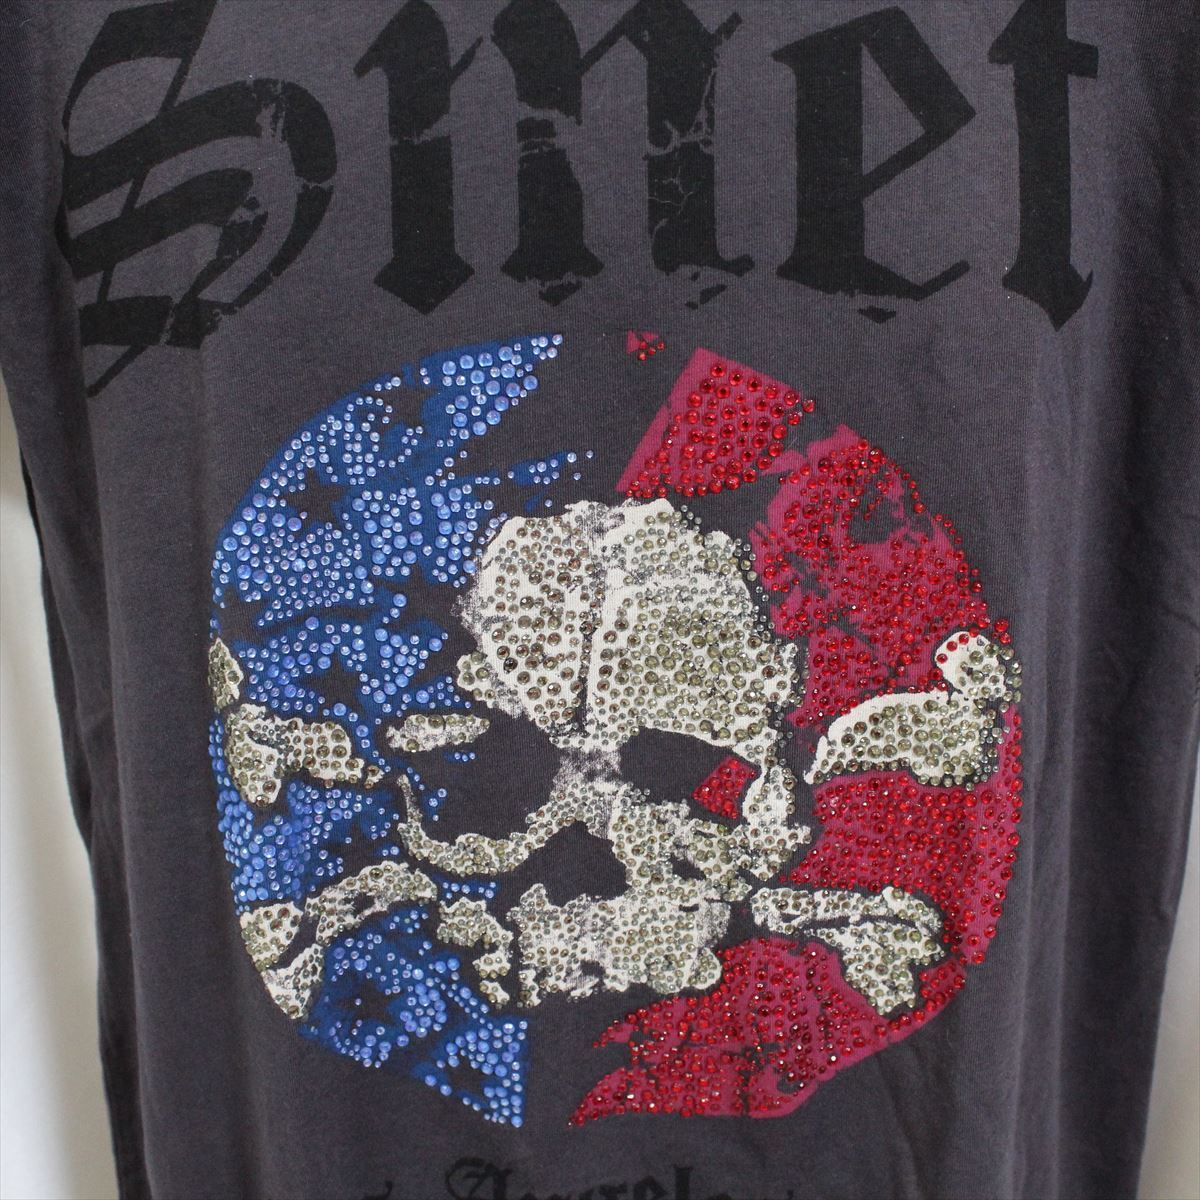 スメット SMET メンズ半袖Tシャツ チャコール Sサイズ NO2 新品_画像2